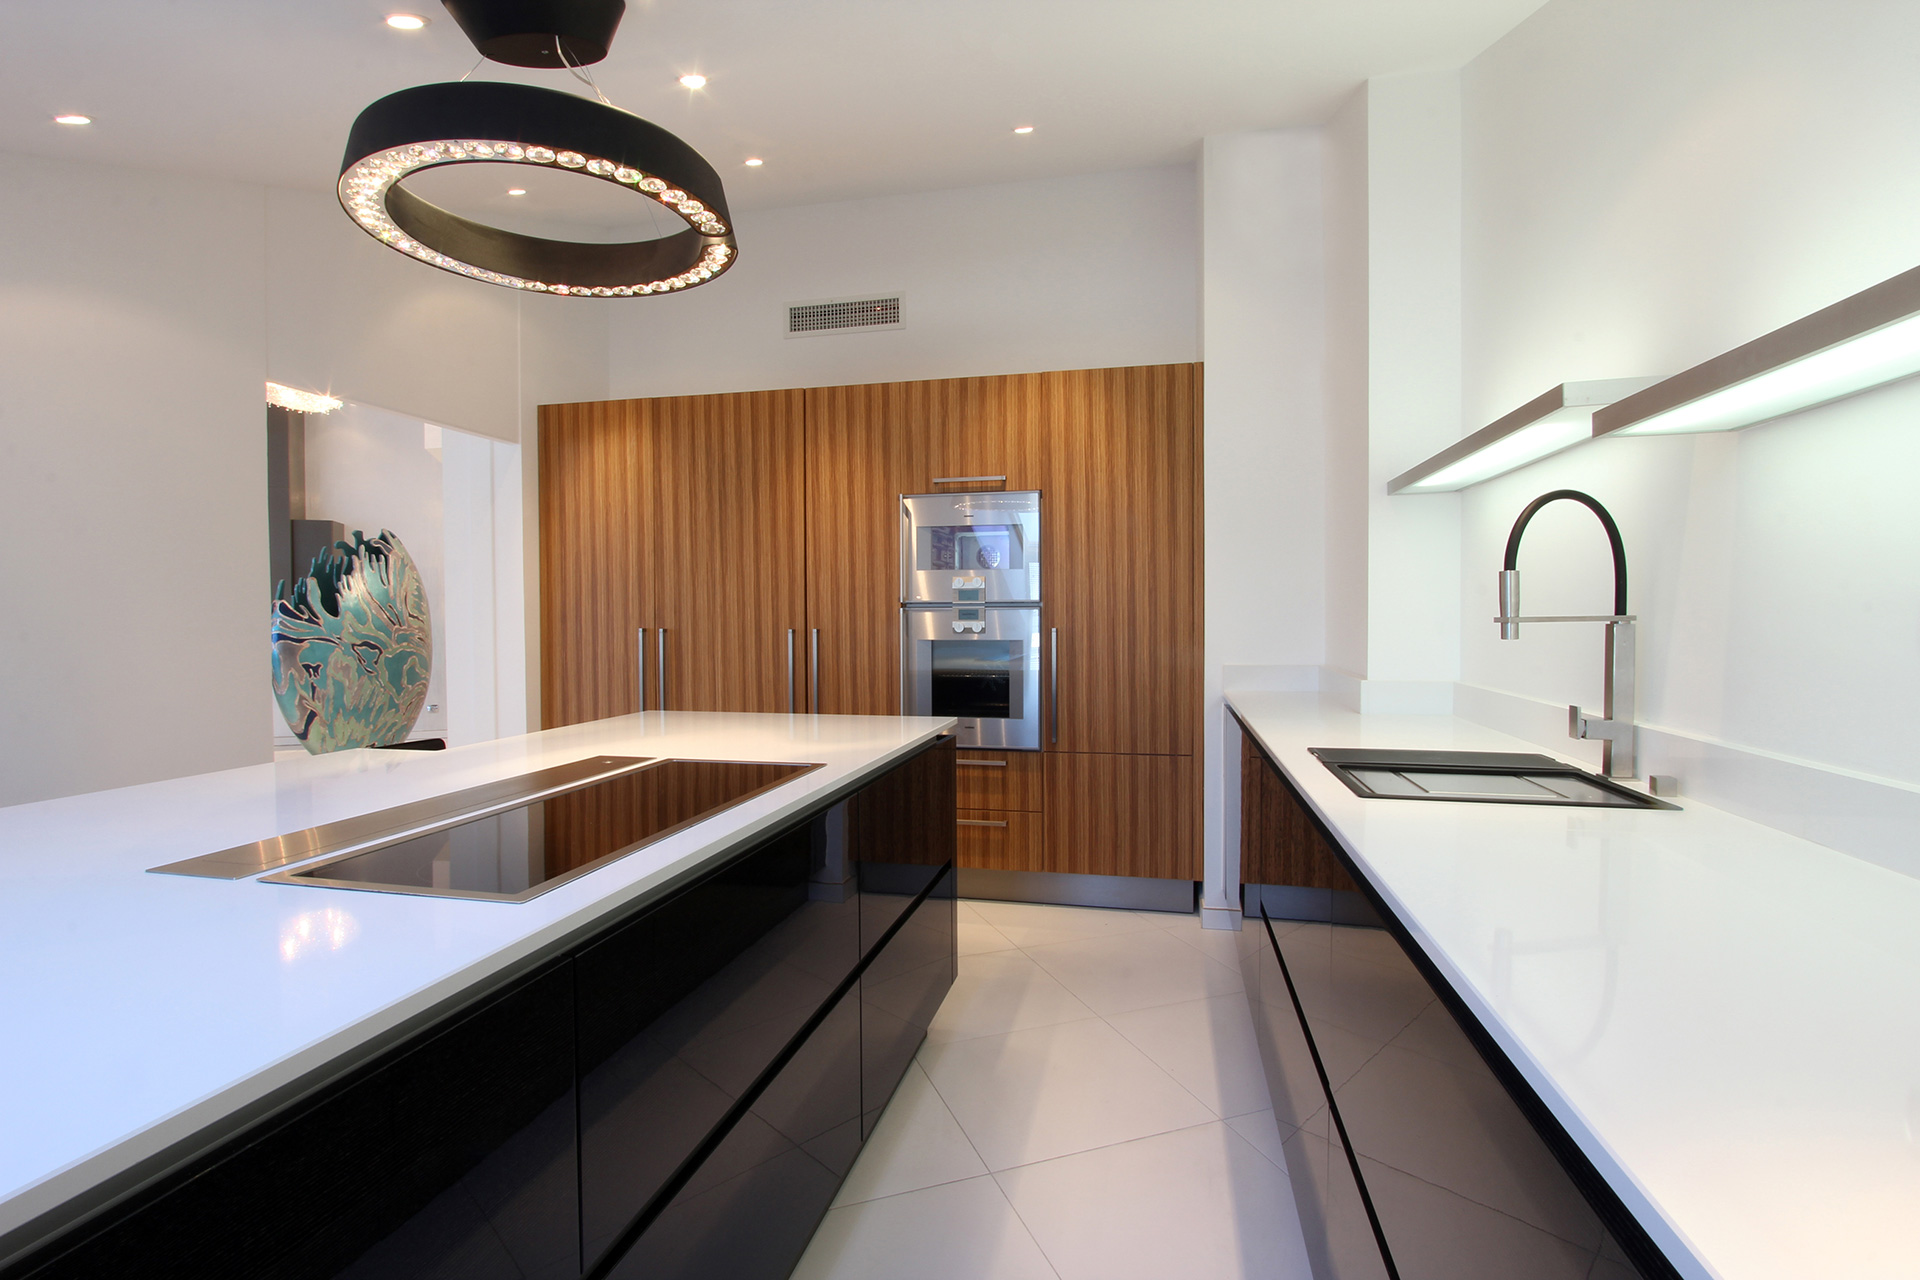 Cuisiniste exclusif de la marque italienne Zampieri et allemande Hofemeier,  je vous accompagne dans la création de votre cuisine